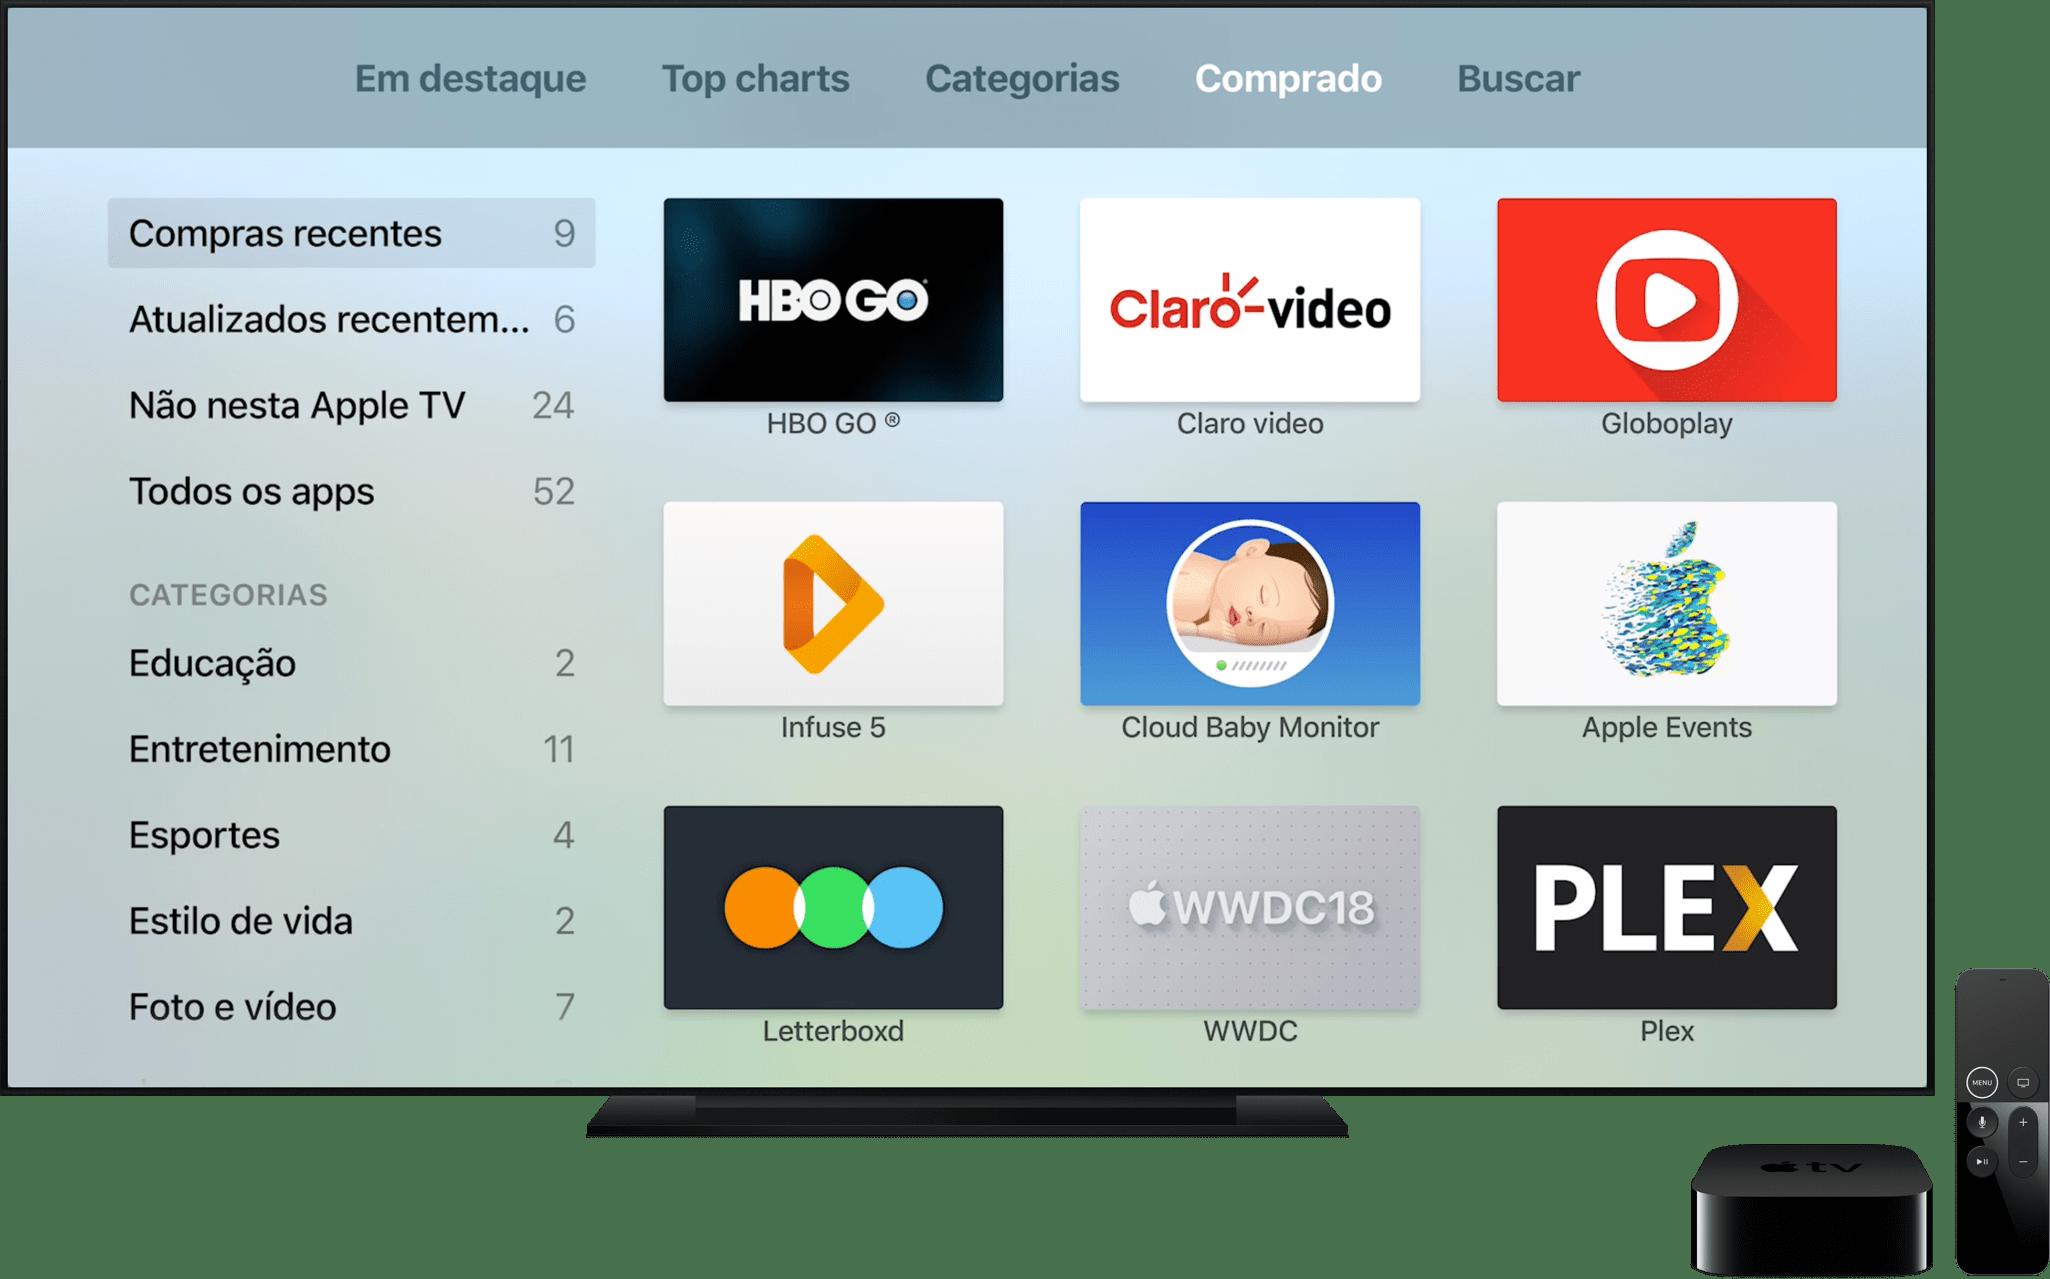 Baixando um app comprado na App Store